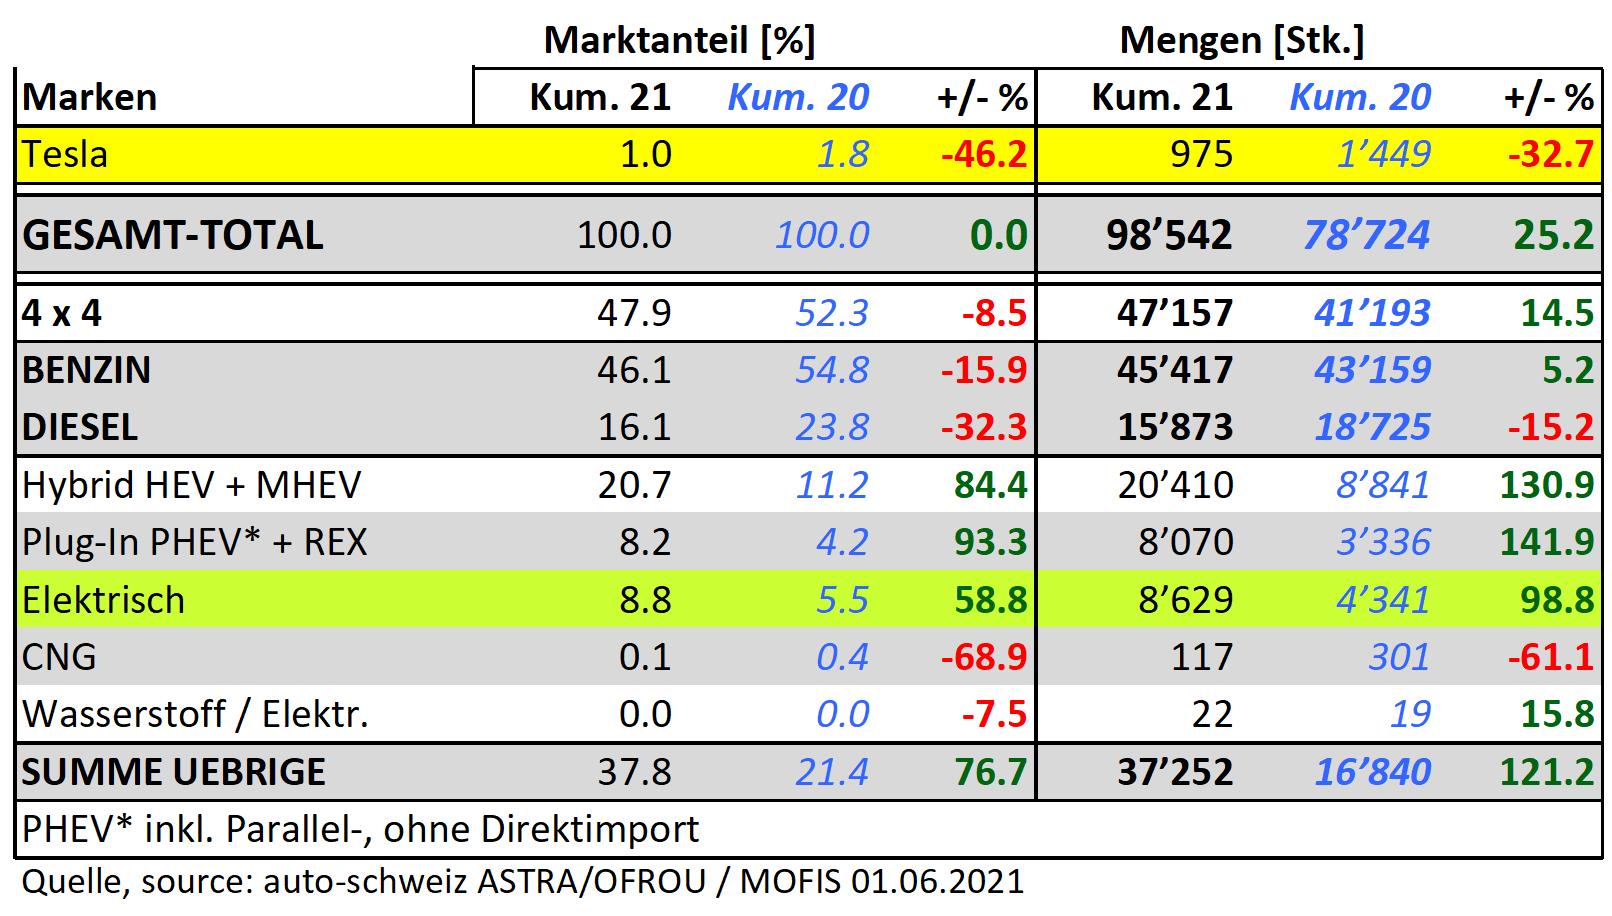 Mit 8.8% Marktanteil in der Schweiz bis Mai 2021, legten eAutos +59% zu. Der Markt legte in Mengen um +25% zu und eAutos um +99% - Klingt gut, trotzdem zuwenig!